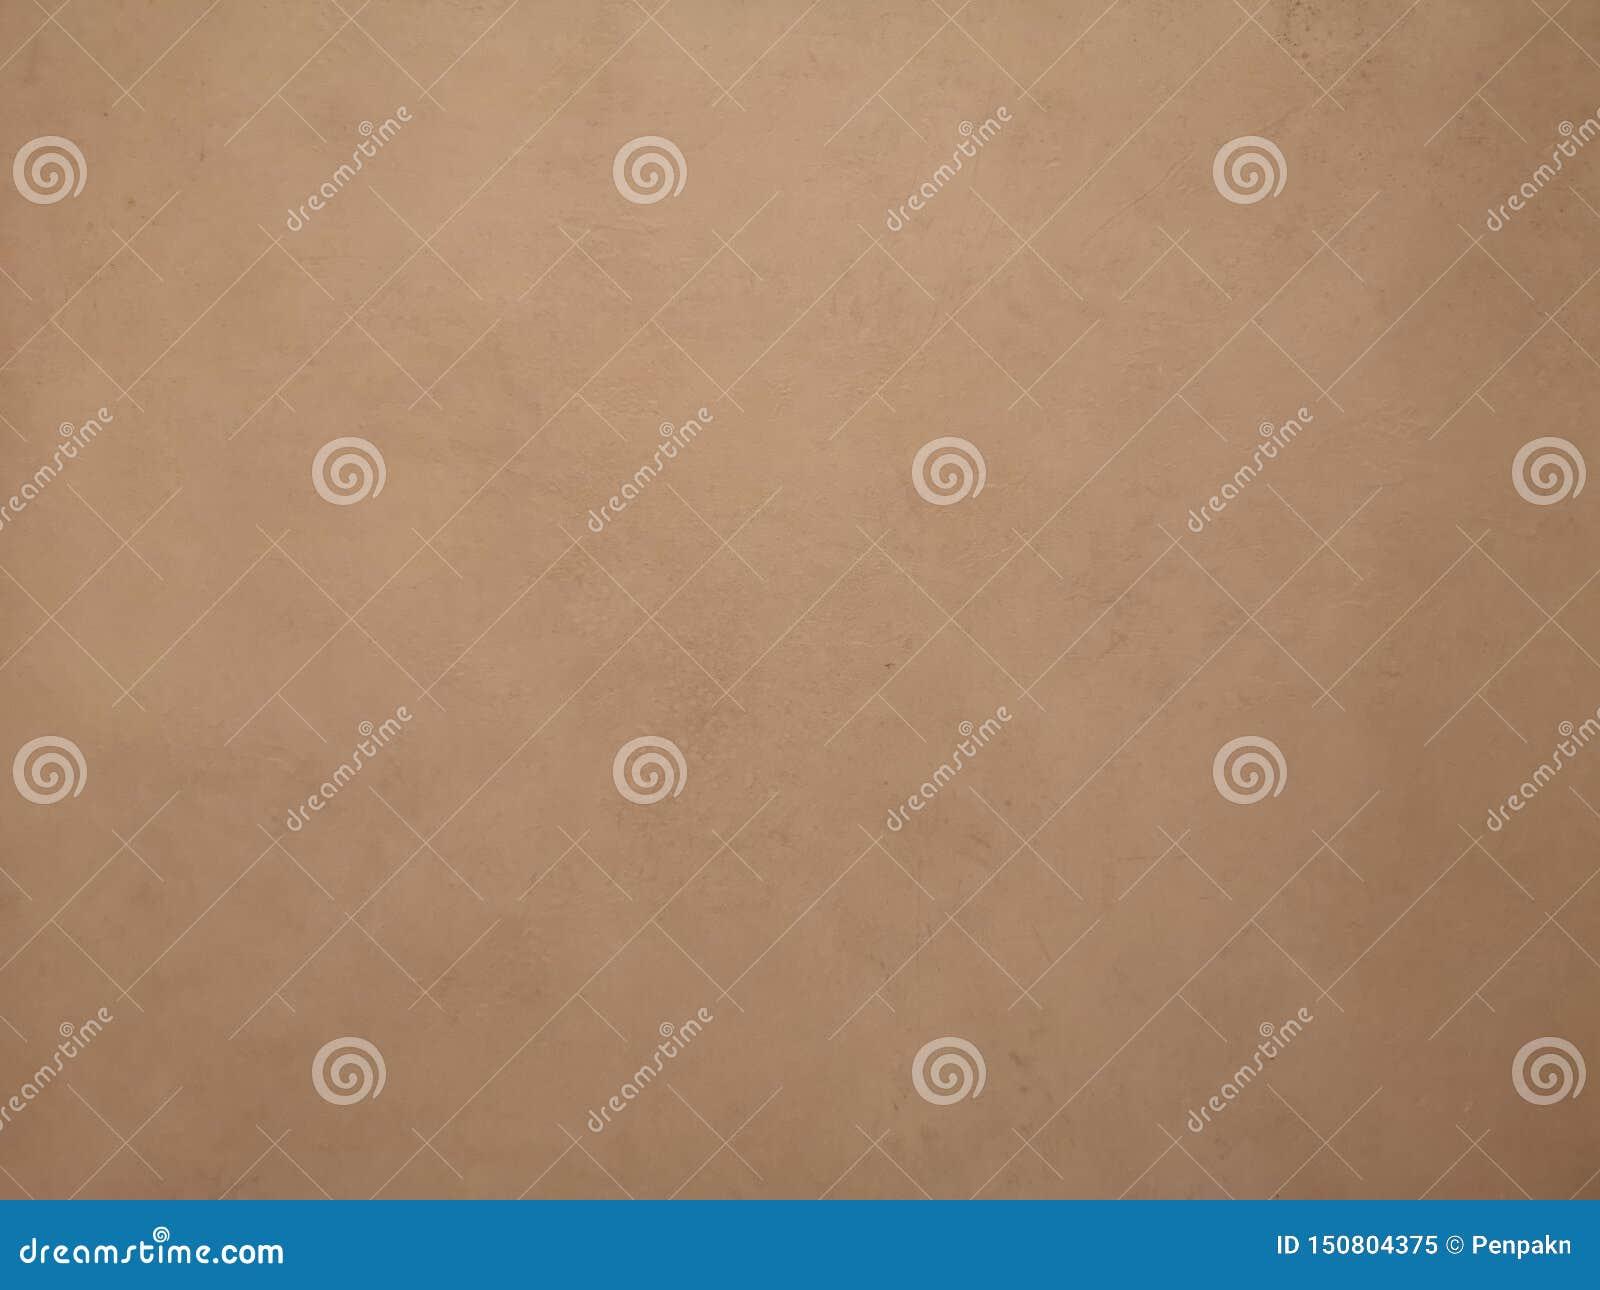 Brown koloru farba na cement ściany powierzchni tekstury materiału betonie